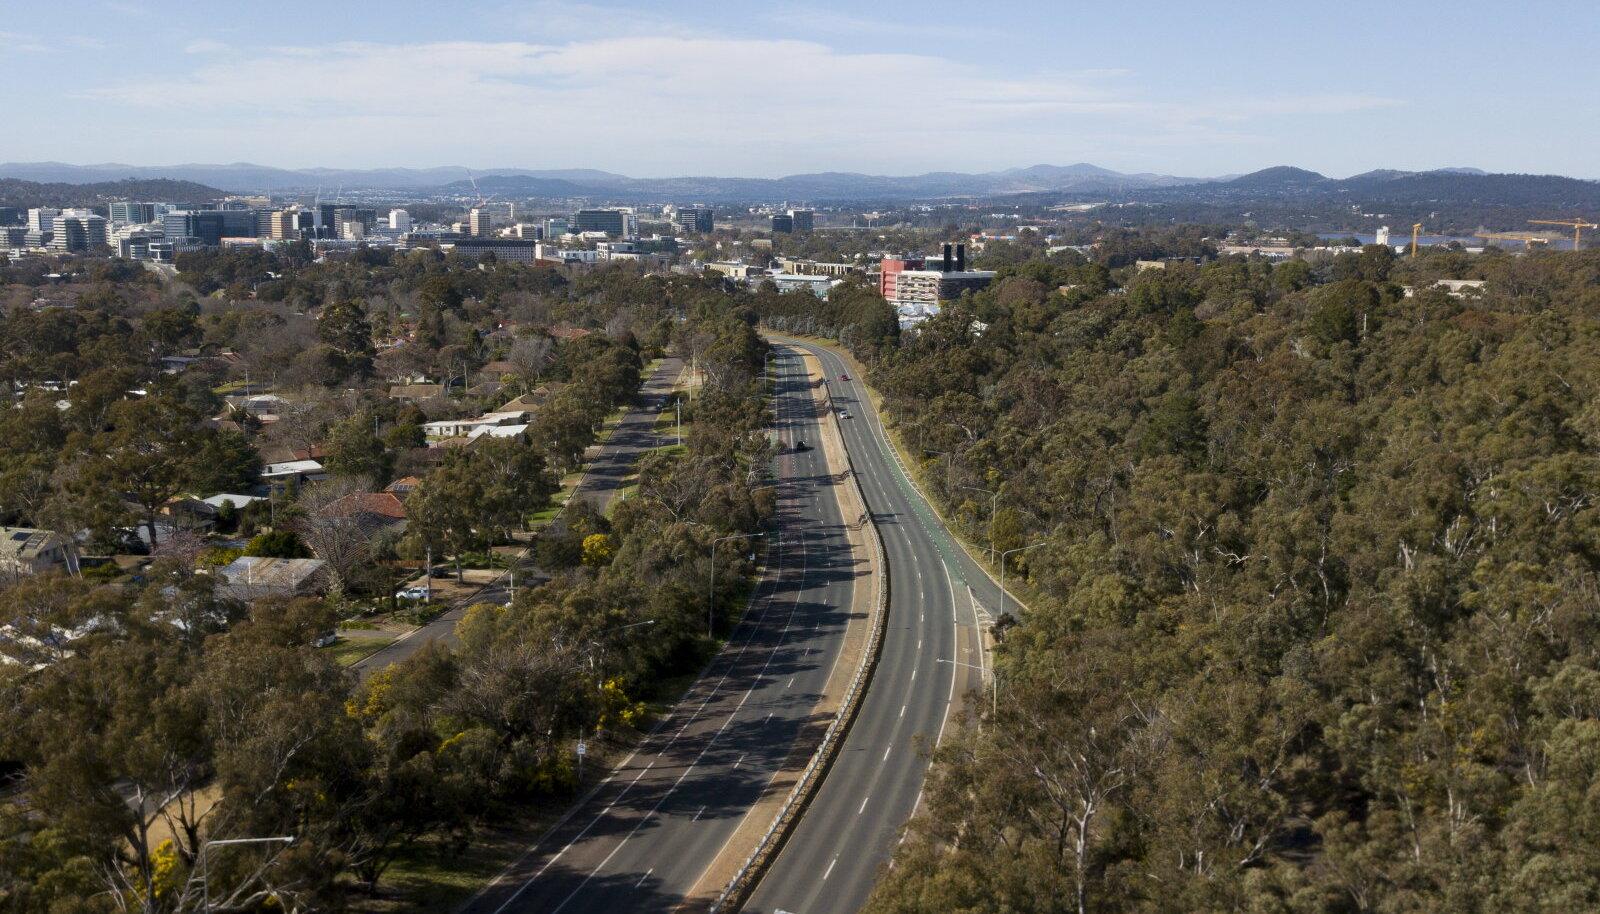 Piirangud on Canberra kesklinna viiva sõidutee täiesti tühjaks jätnud.